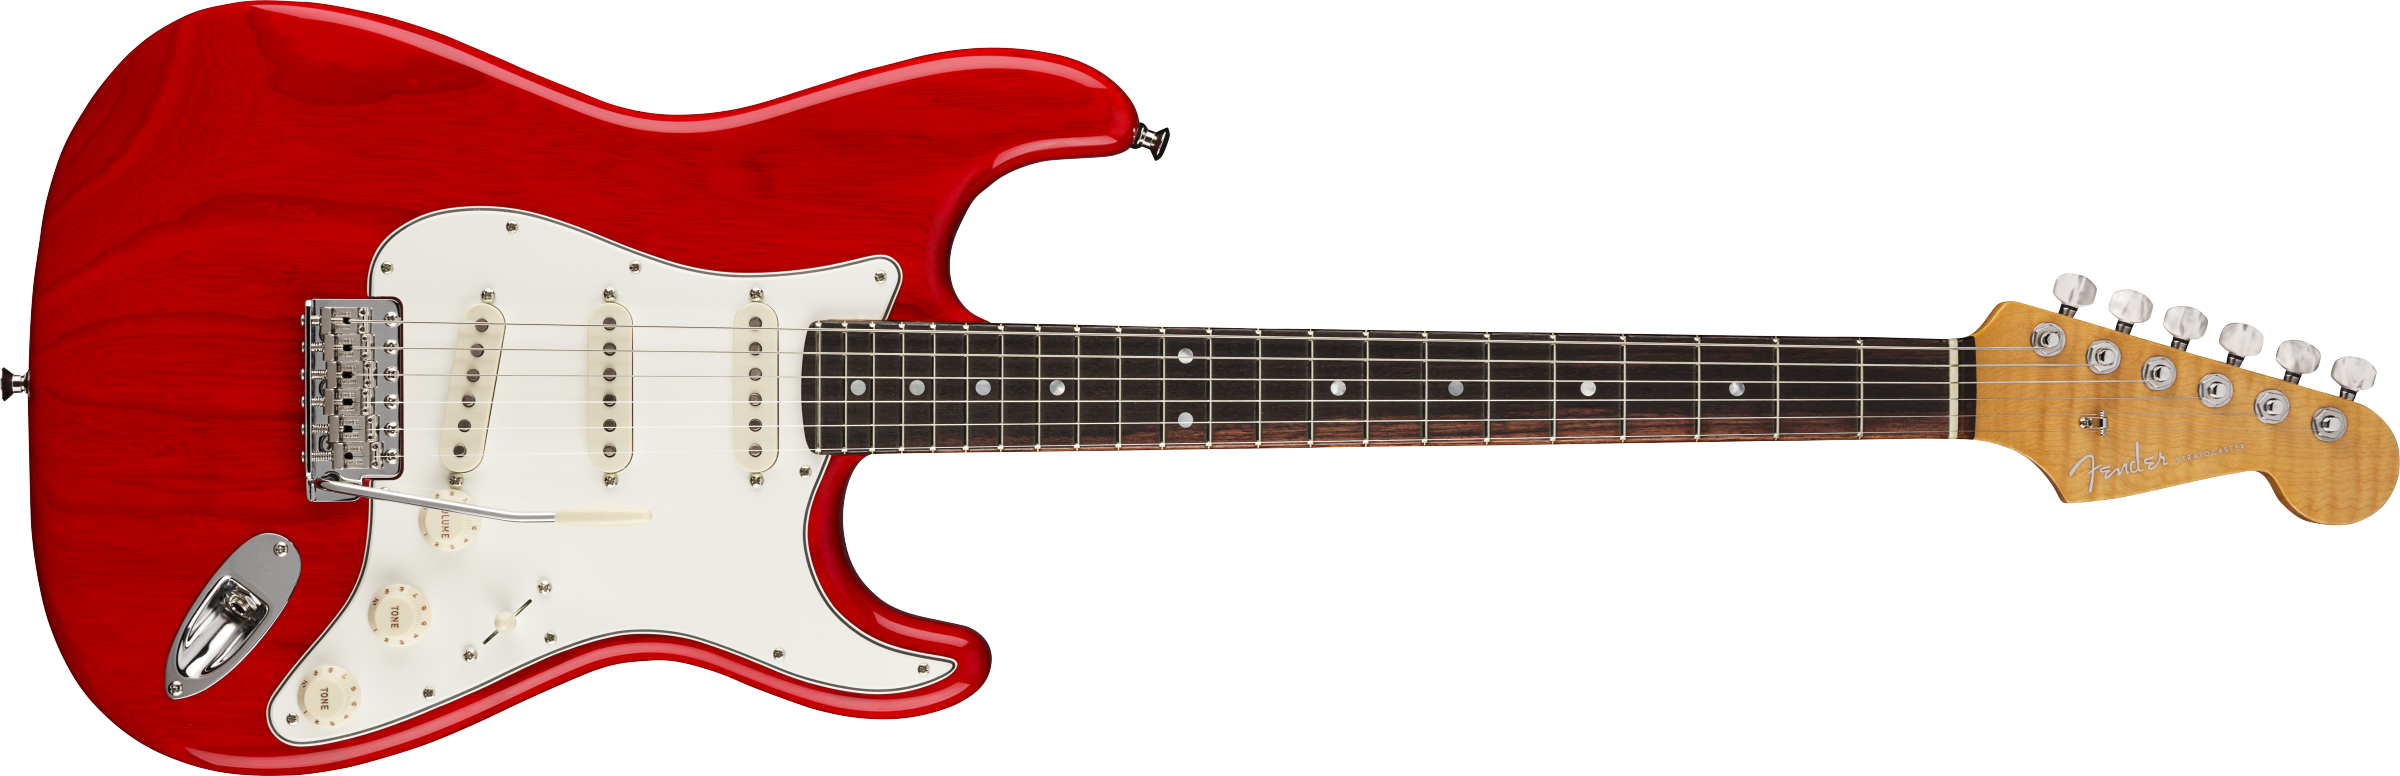 FENDER-American-Custom-Stratocaster-Rosewood-Fingerboard-Crimson-Transparent-NOS-sku-571005111